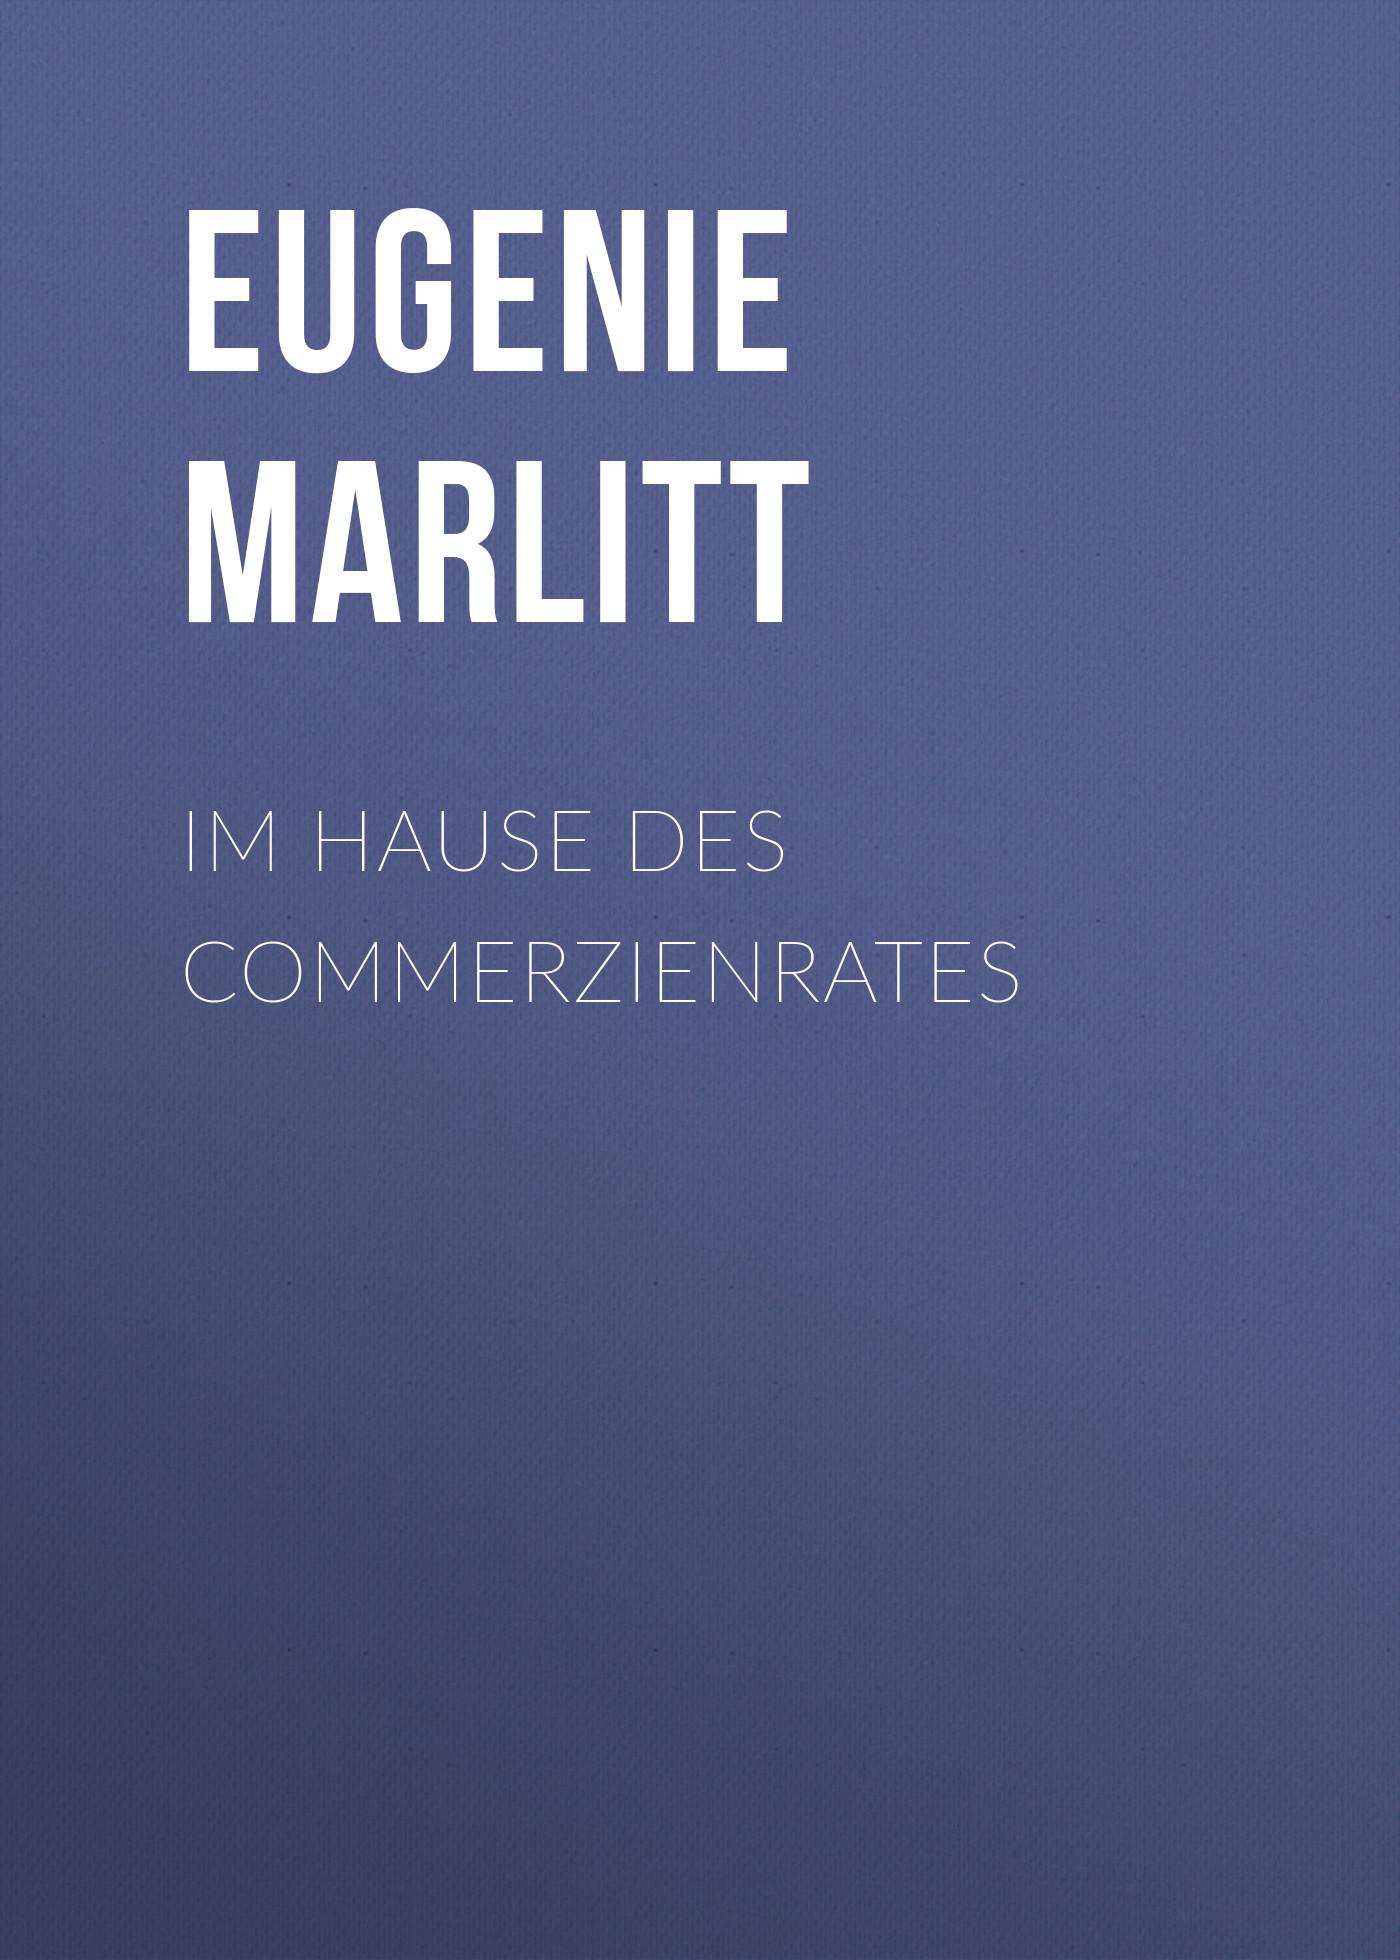 Eugenie Marlitt Im Hause des Commerzienrates